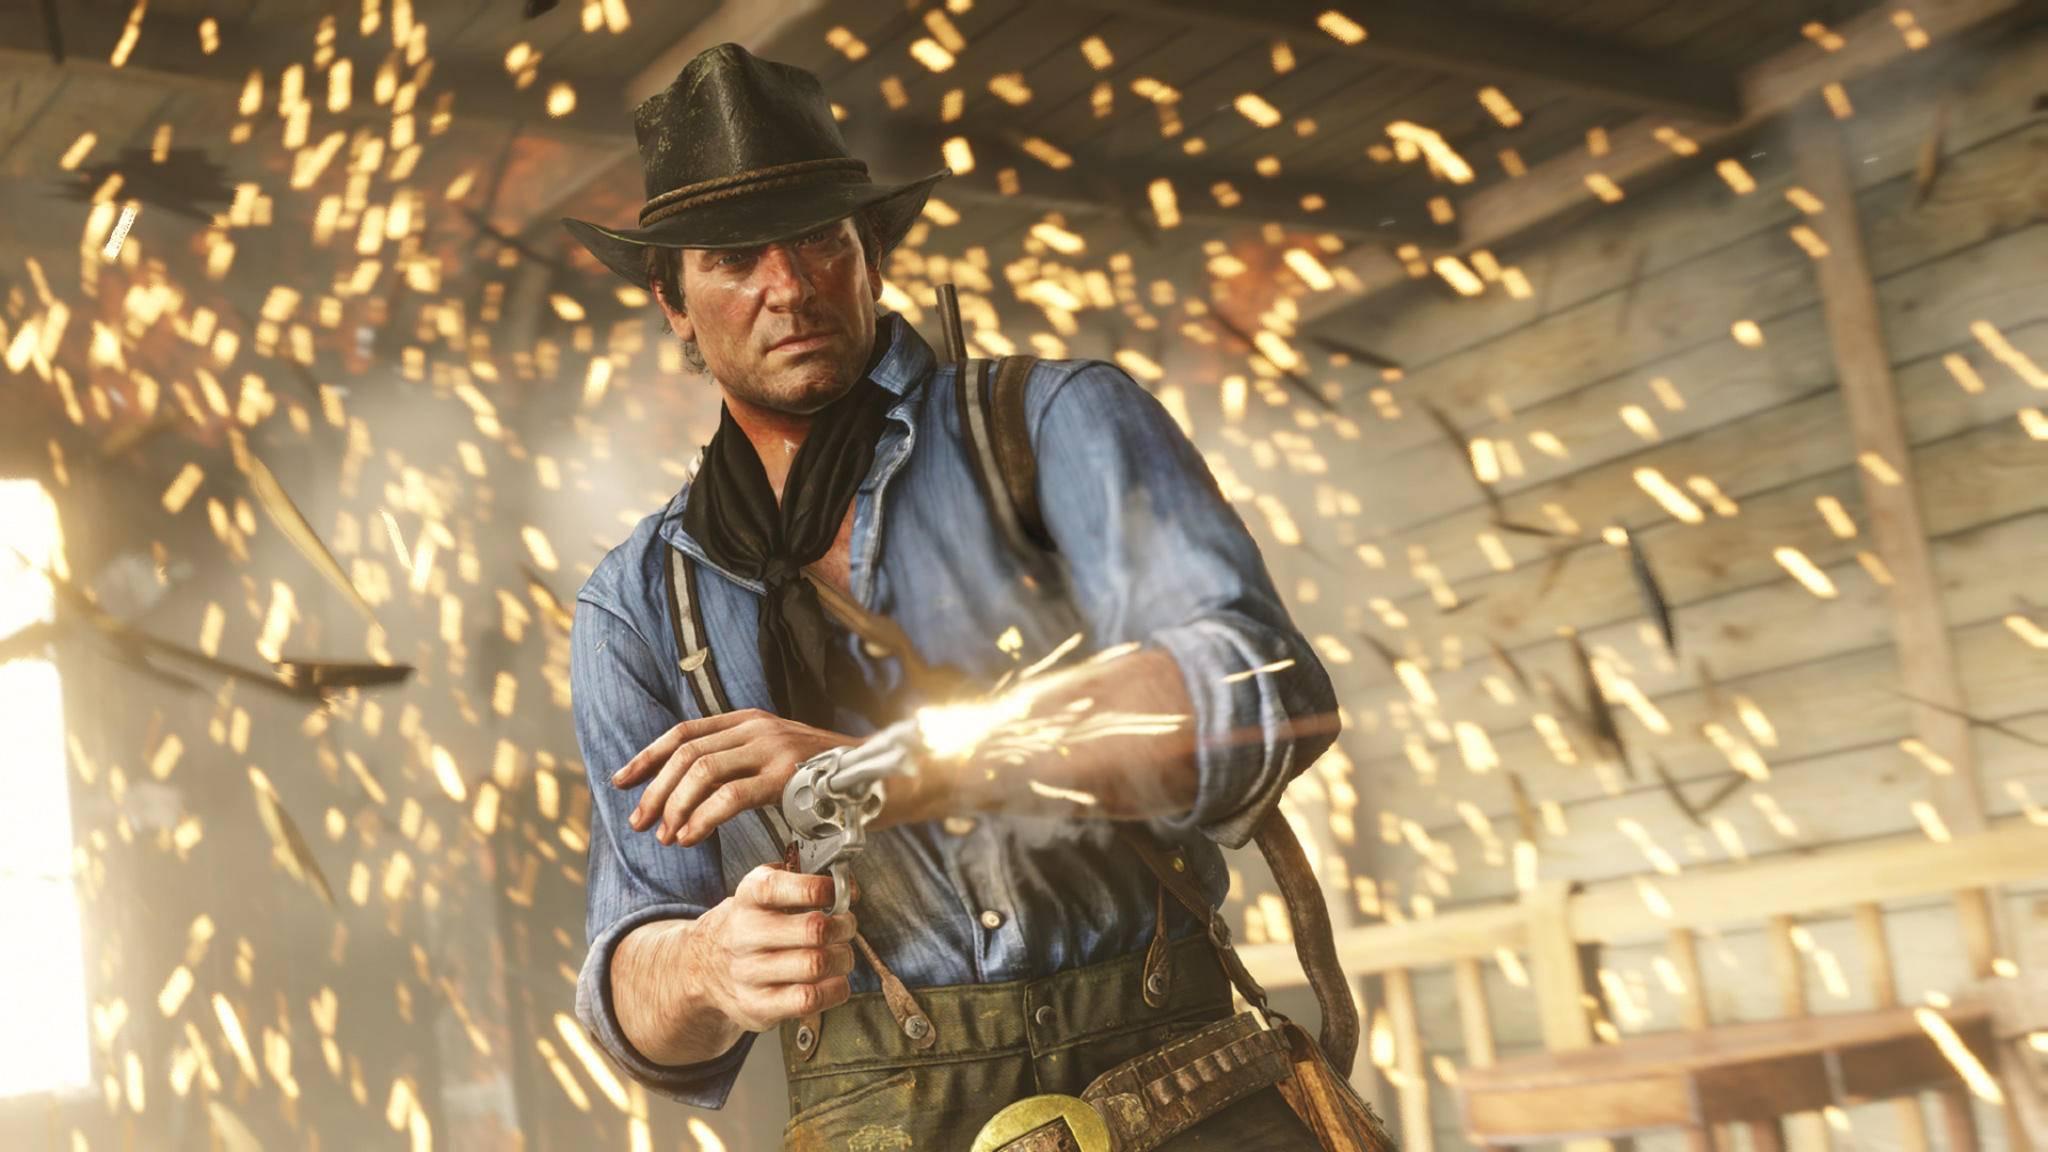 Arthur Morgan schießt scharf – auch, aber nicht nur mit dem Revolver.